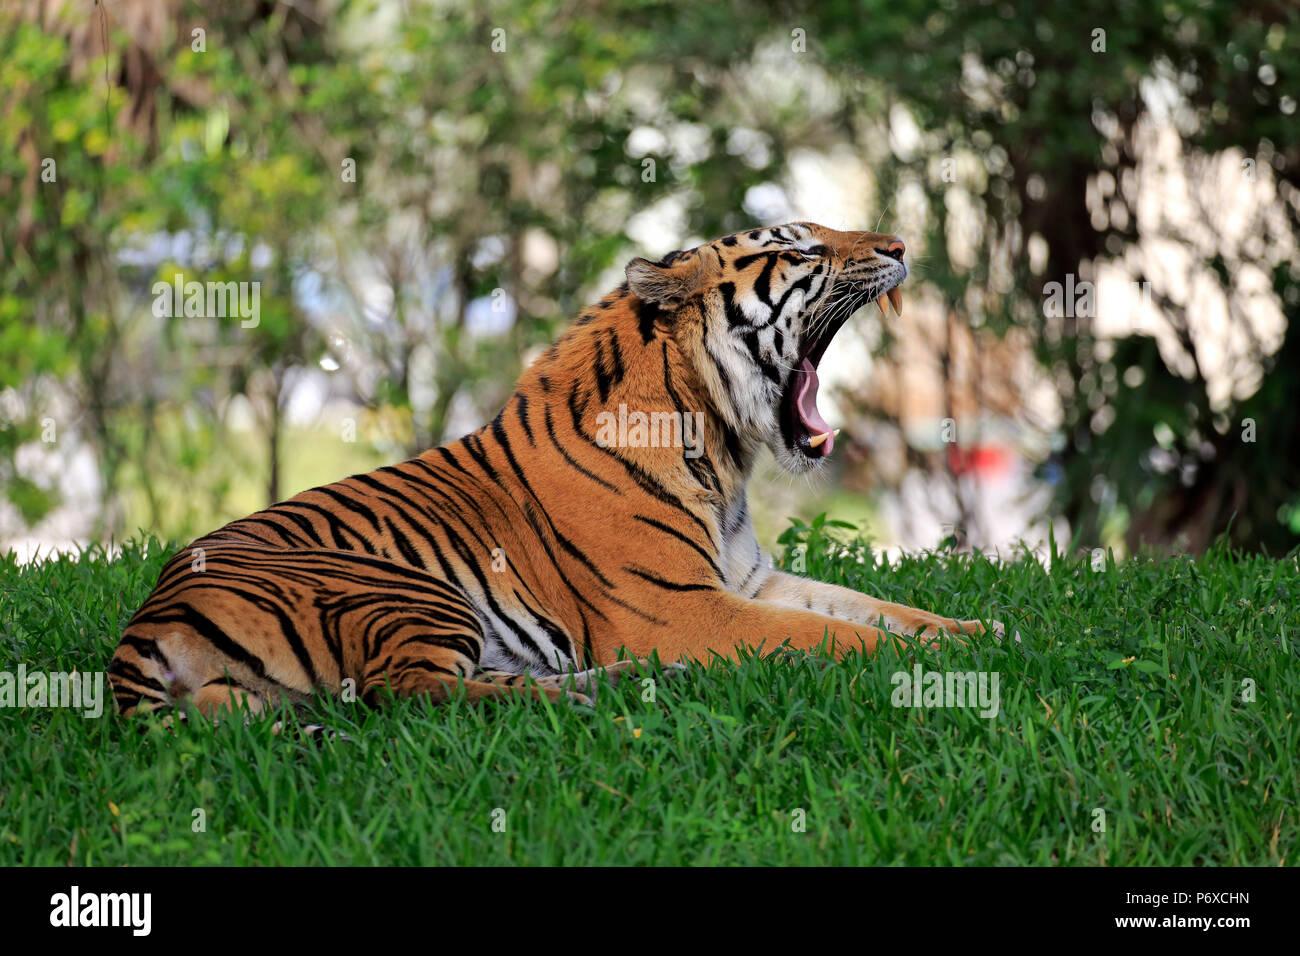 Sumatran Tiger, adult male jawning, Sumatra, Asia, Panthera tigris sumatrae - Stock Image